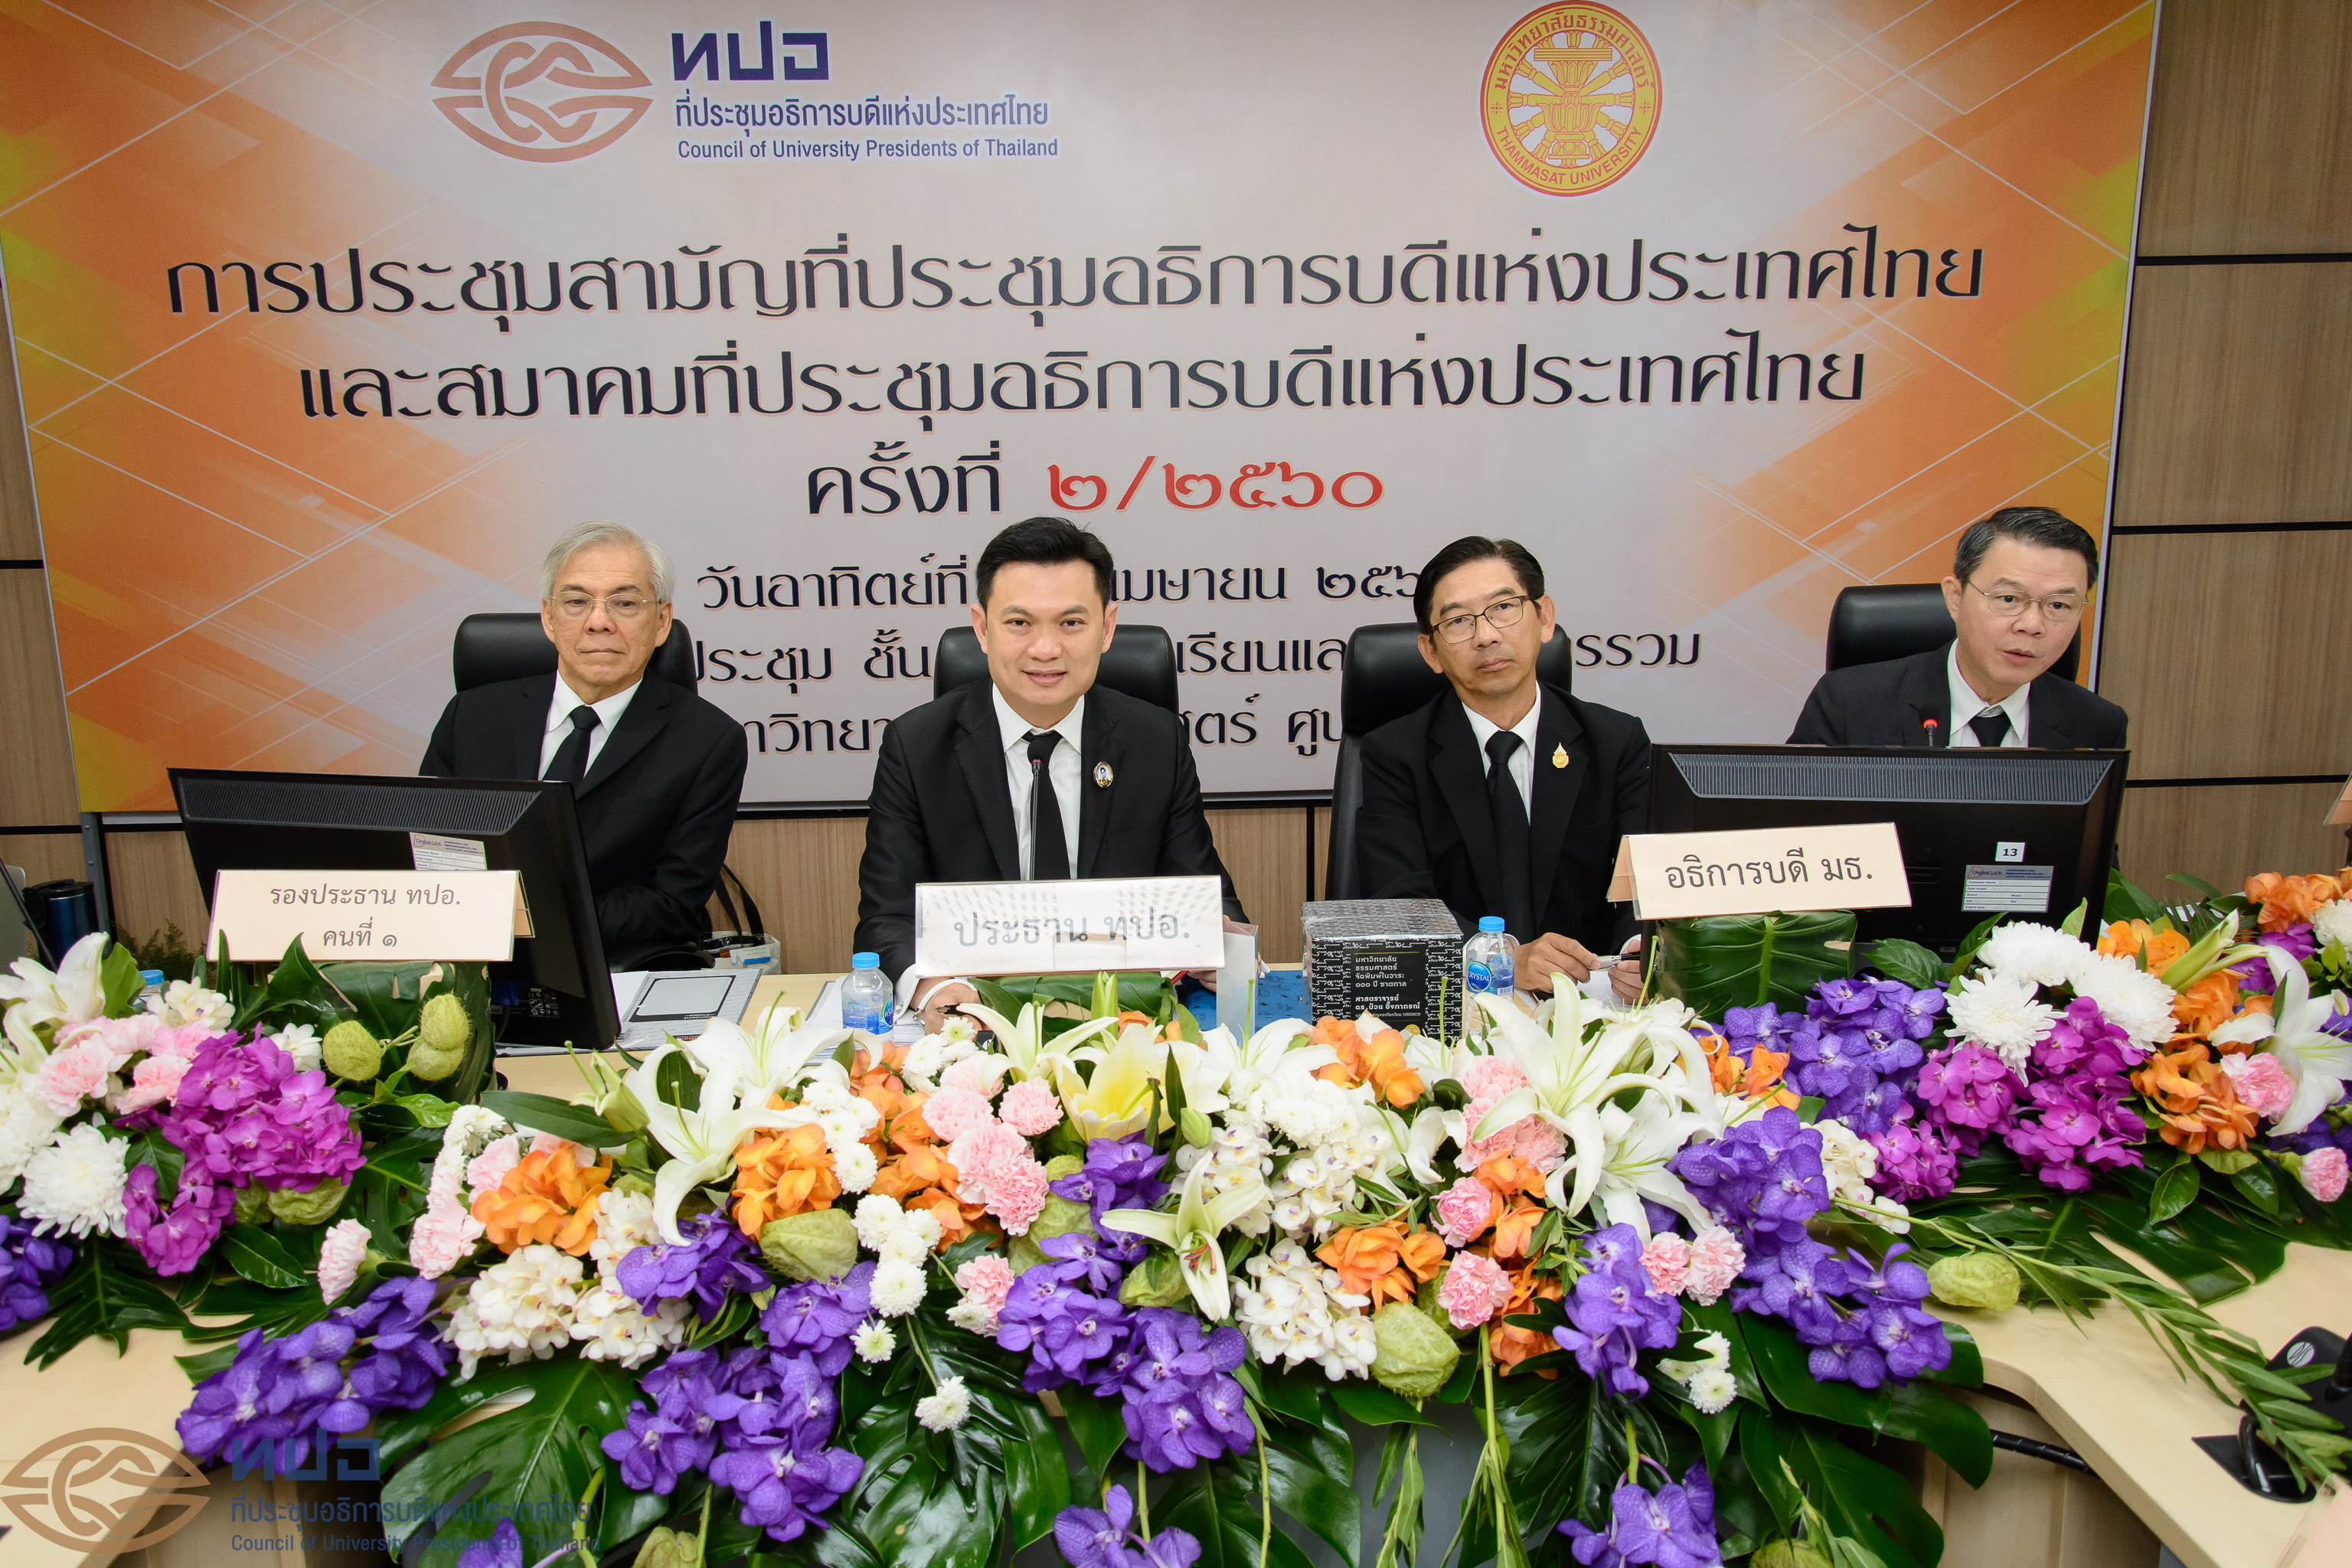 การประชุมสามัญที่ประชุมอธิการบดีแห่งประเทศไทย และสมาคมที่ประชุมอธิการบดีแห่งประเทศไทย ครั้งที่ 2/2560